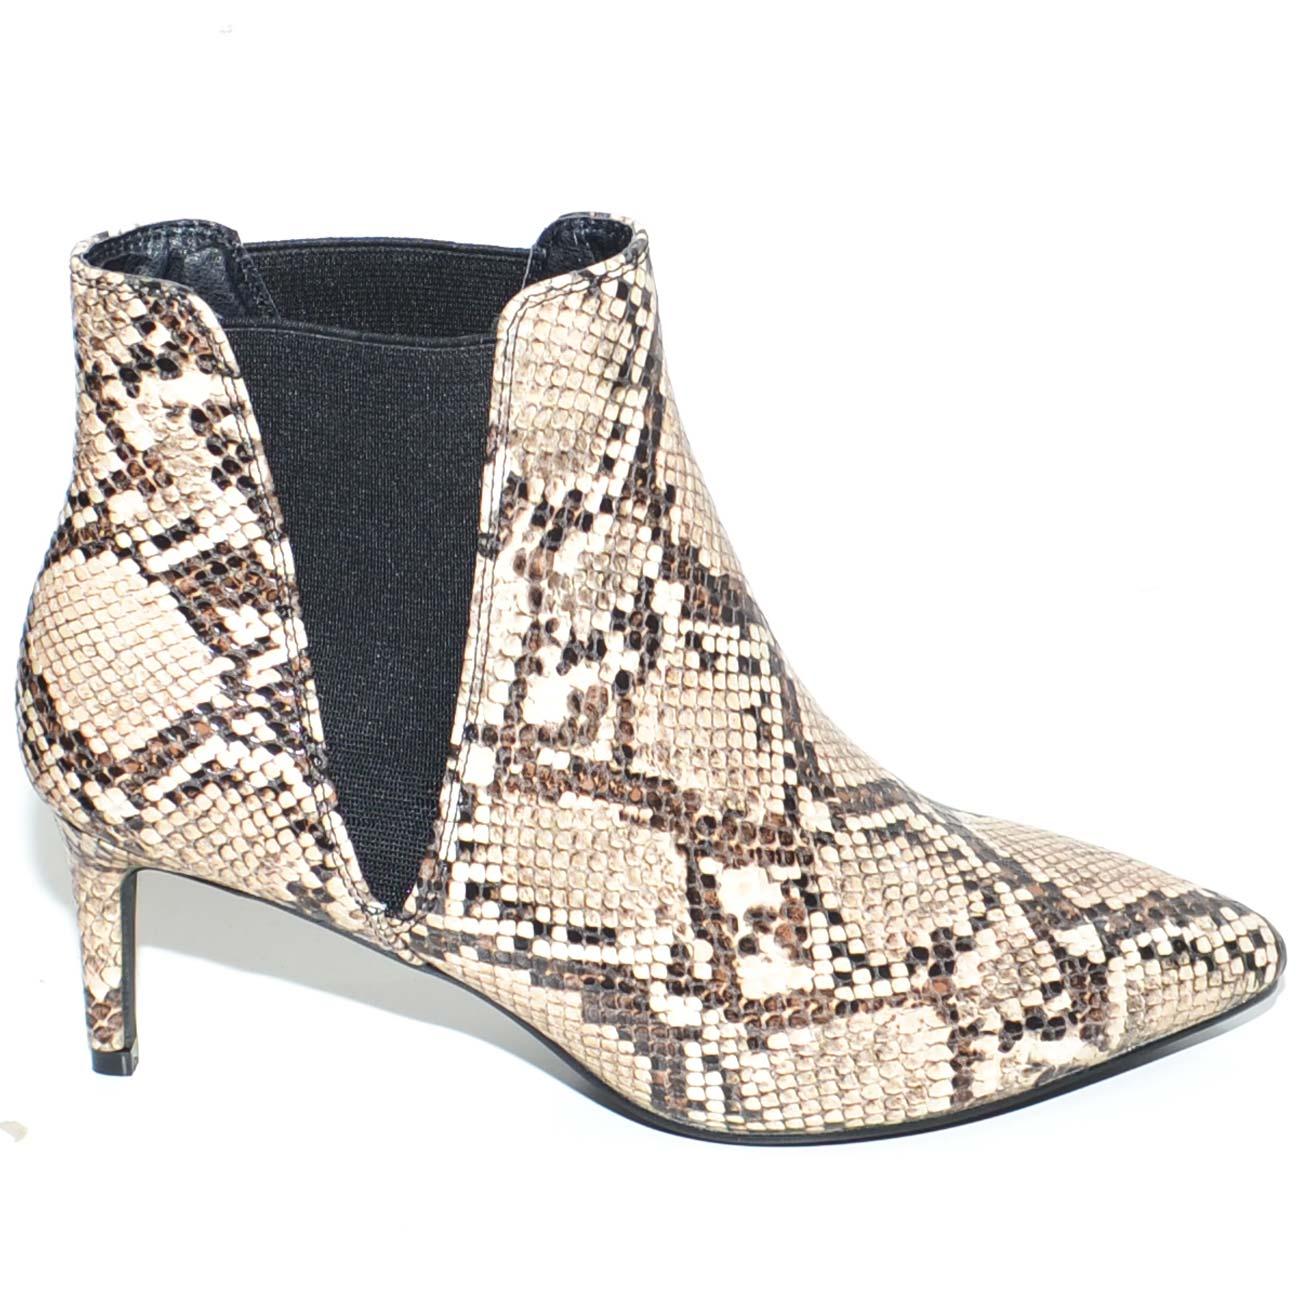 Tronchetto donna a punta animalier pitonato con tacco basso midi modello zara elastico alla caviglia moda outfit donna tronchetti Malu Shoes |